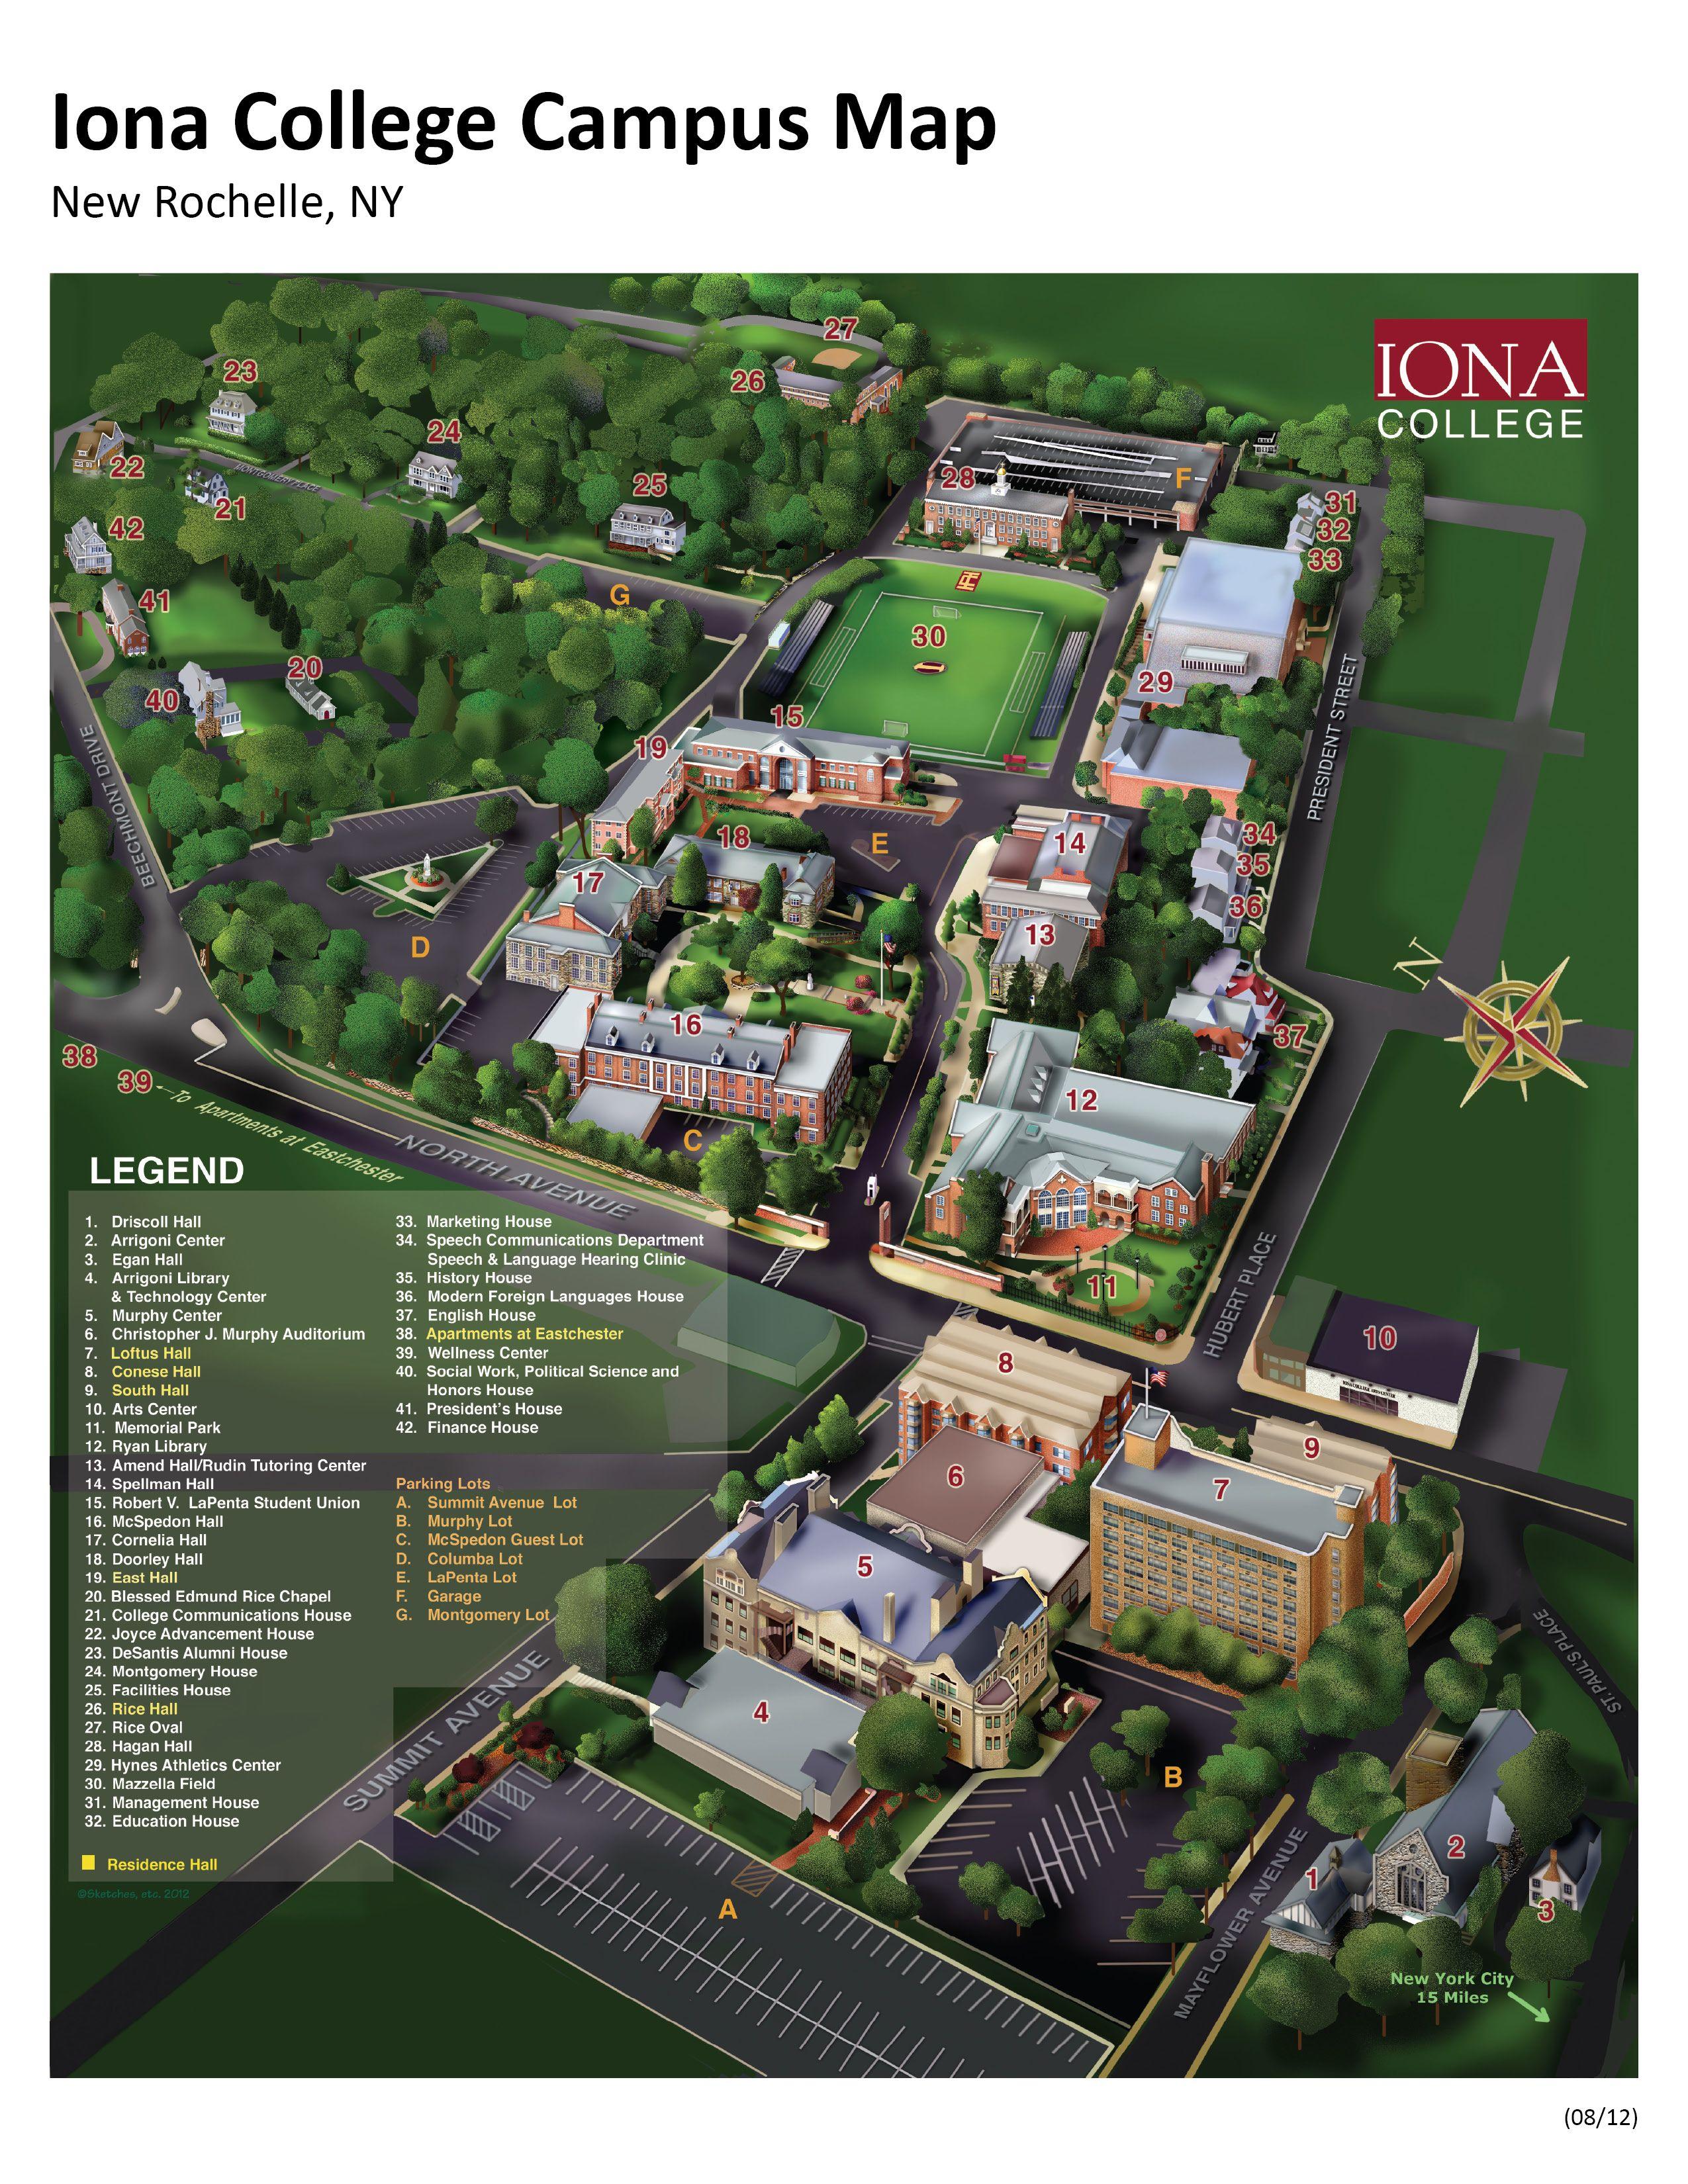 Iona College Map : college, College, Campus, University, Campus,